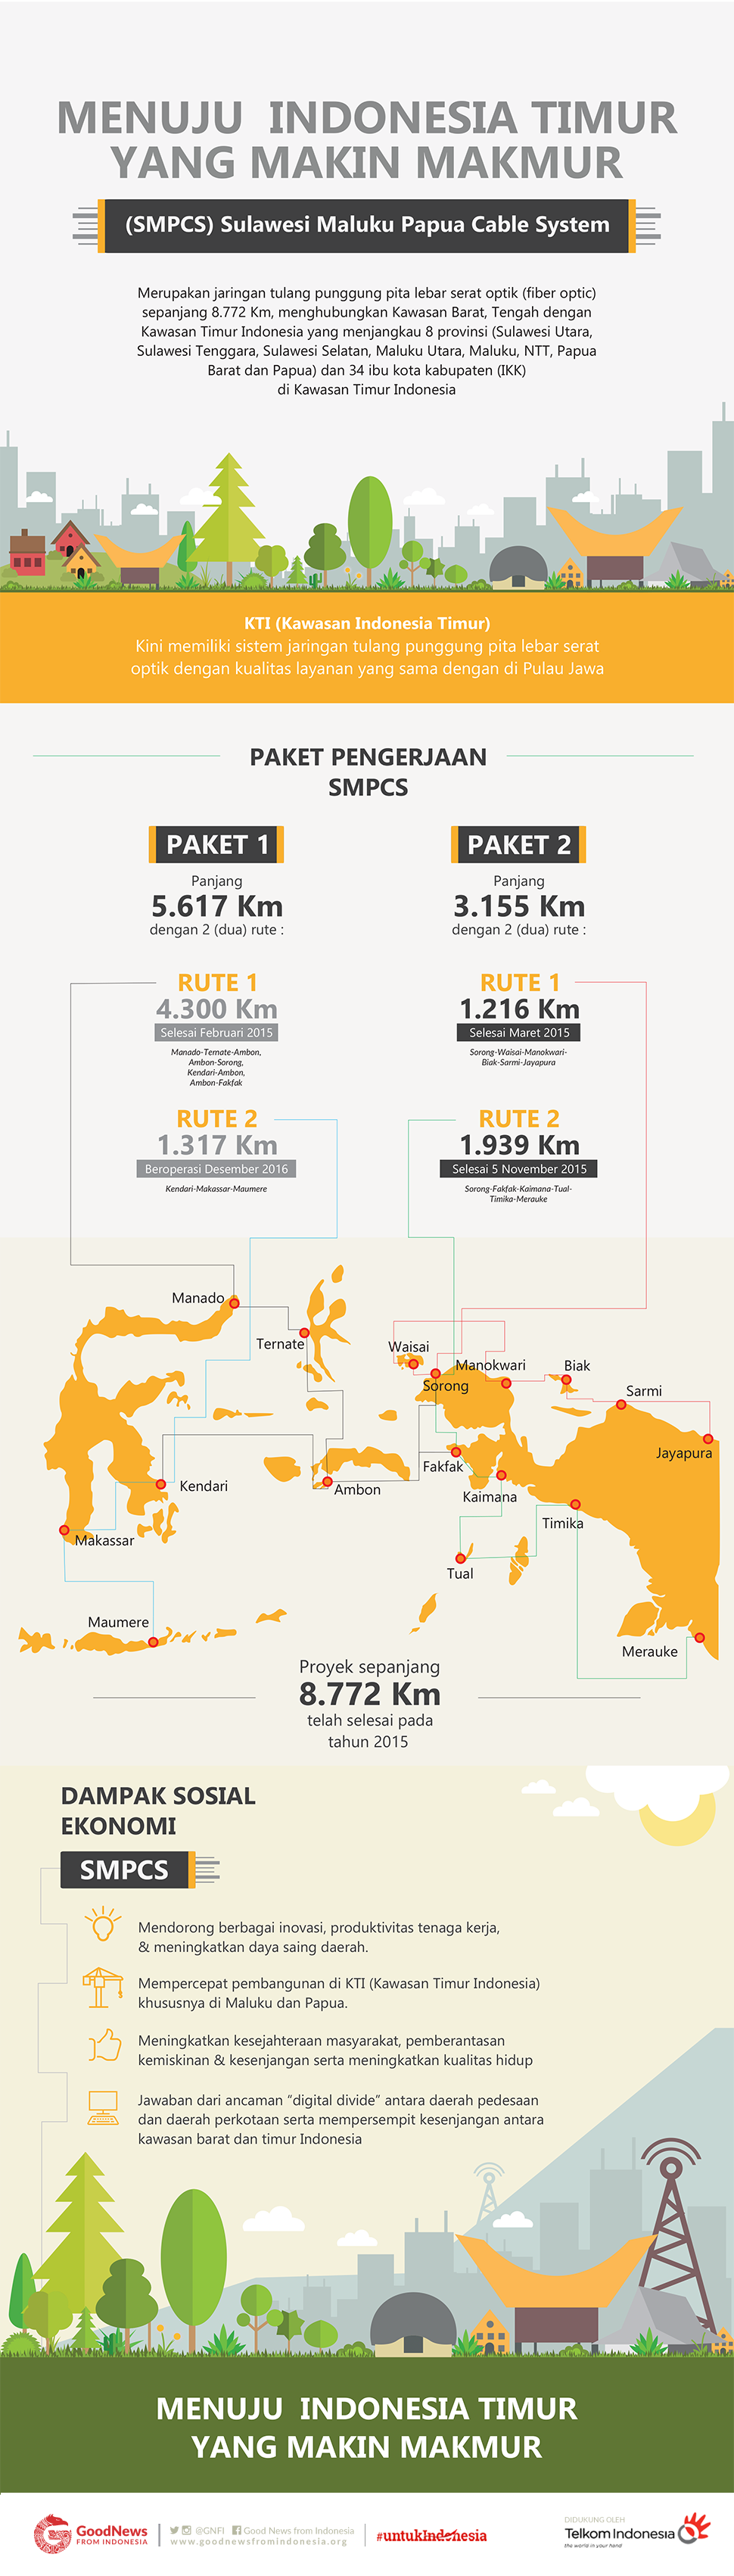 Menuju Indonesia Timur yang Makin Makmur